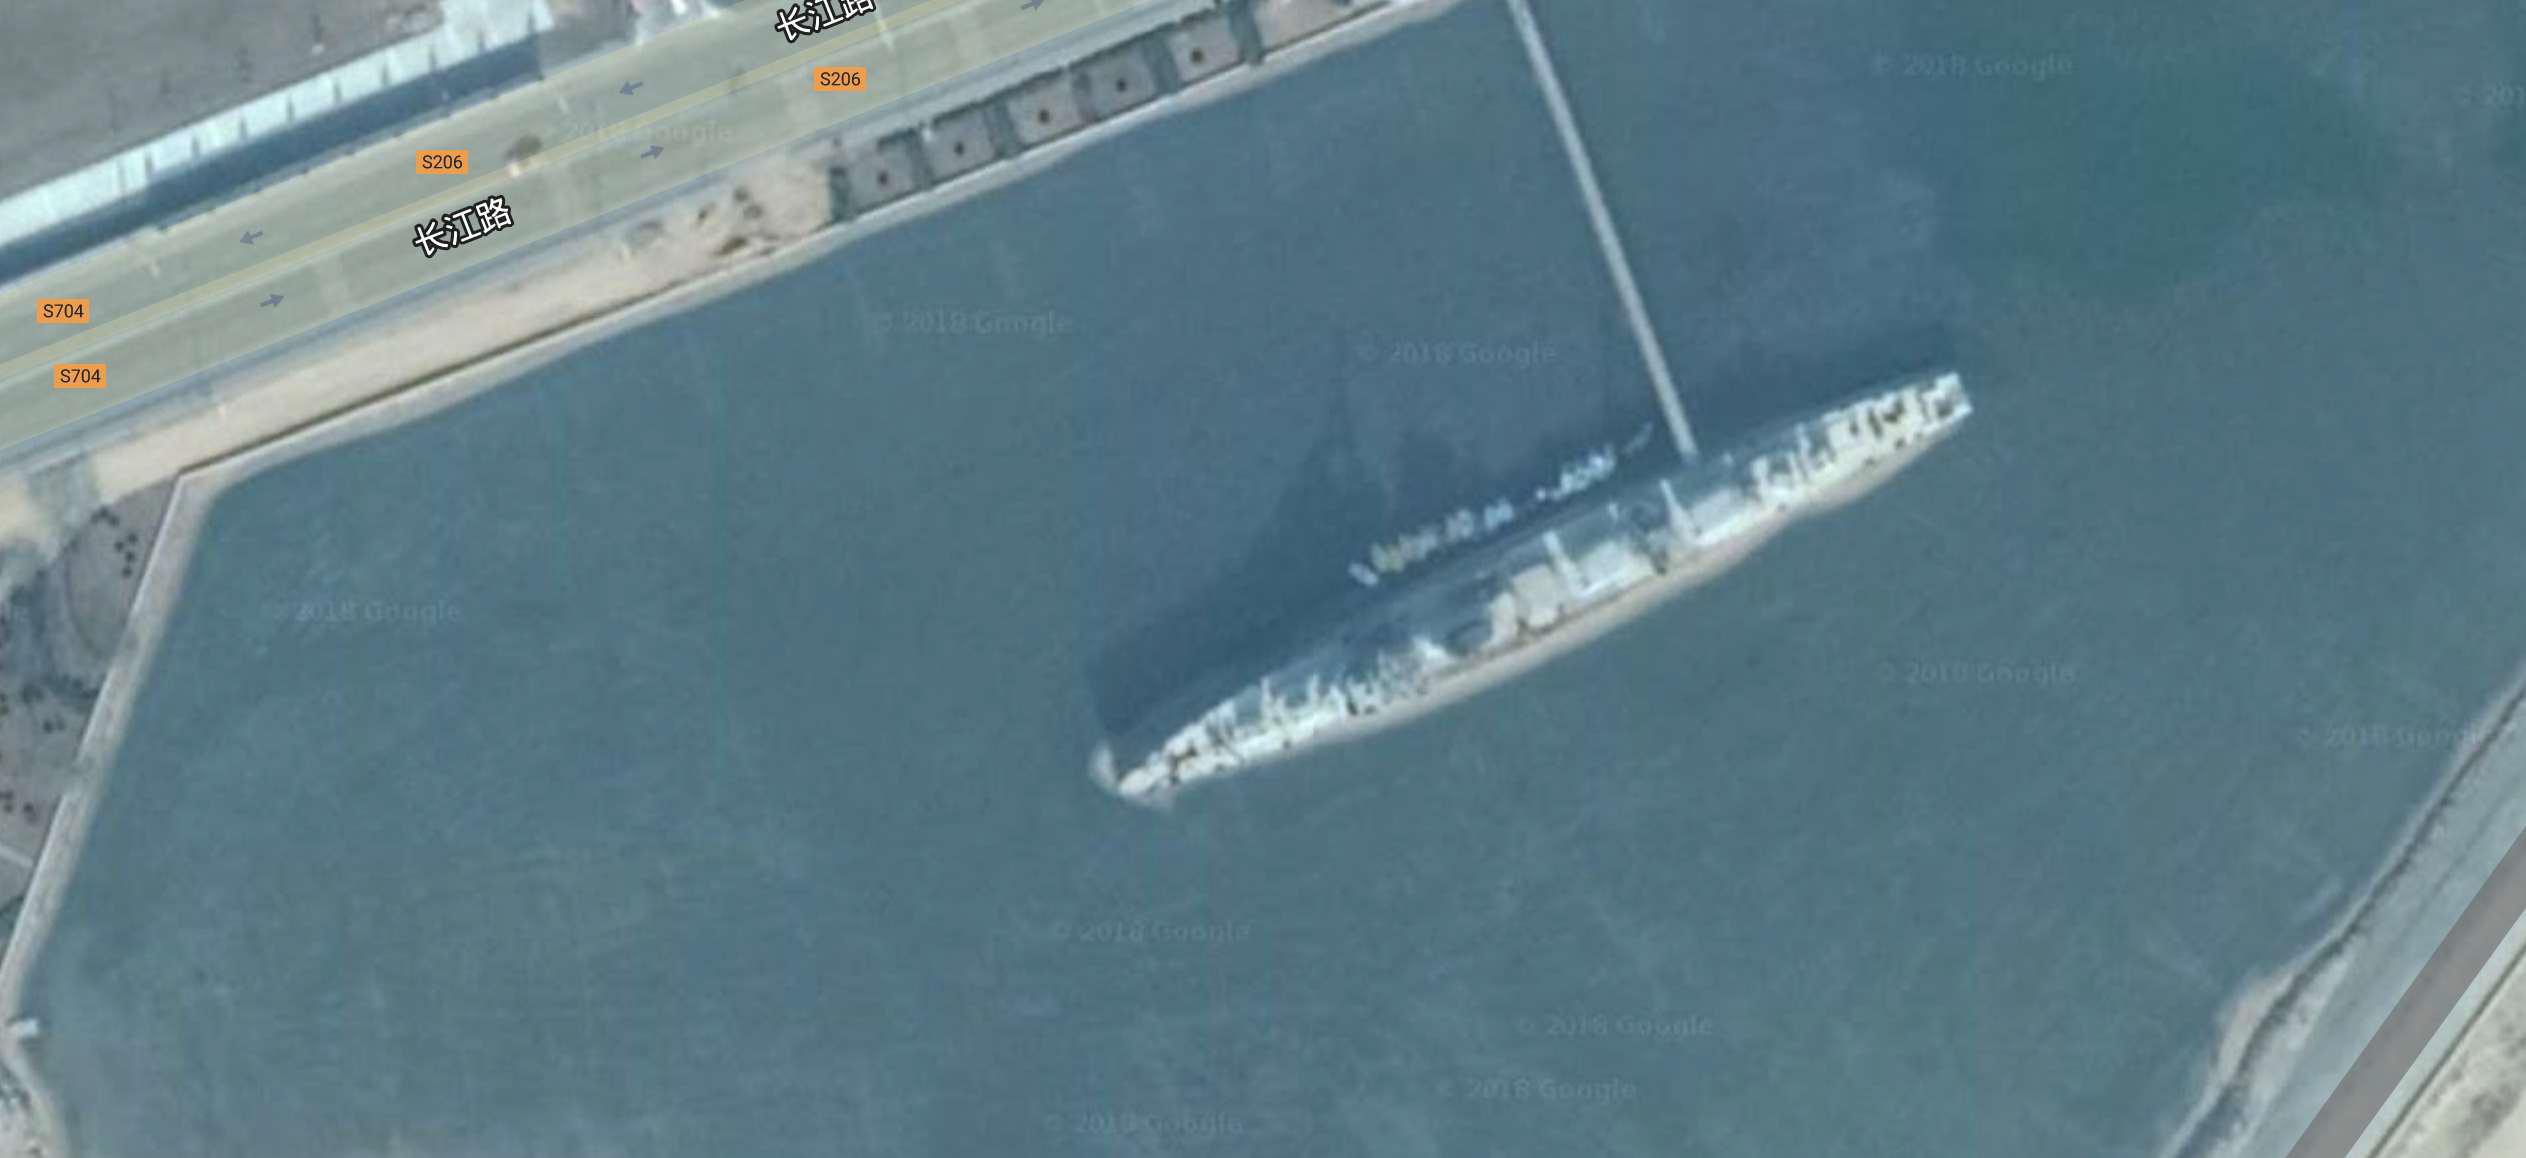 6607驱逐舰-103-长春-山东省乳山市银滩海上乐园-1.jpg